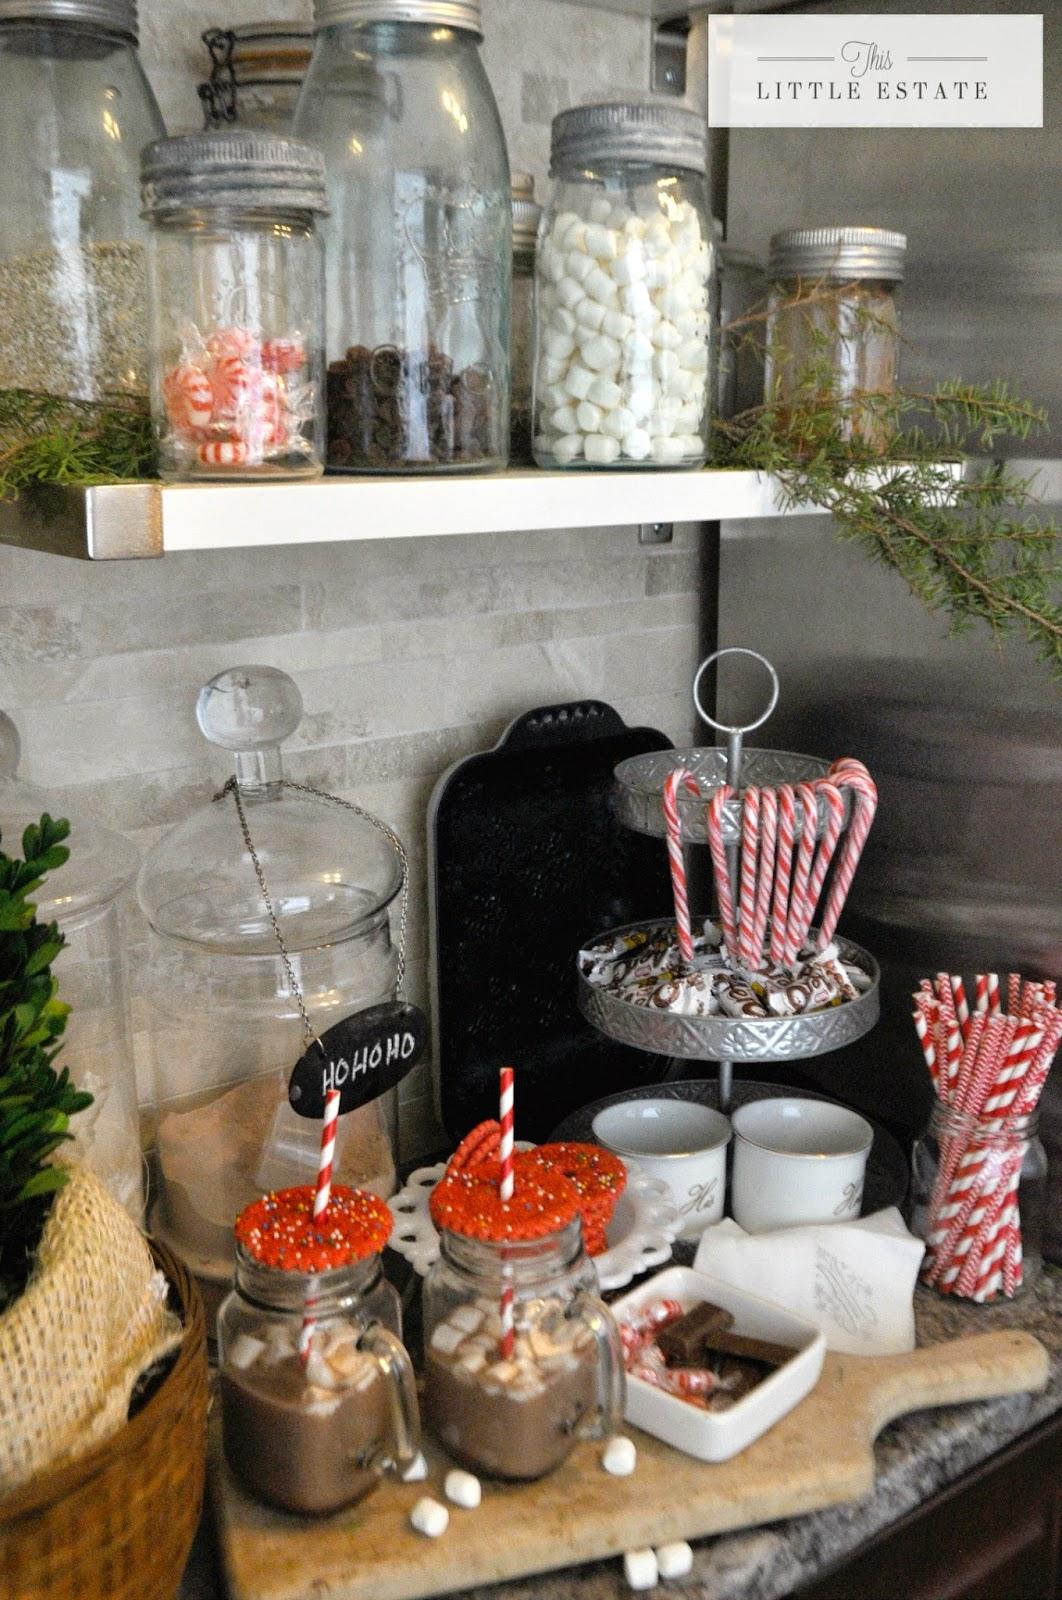 http://thislittleestate.blogspot.ca/2014/11/chritmas-home-tour-rustic-glam-christmas.html